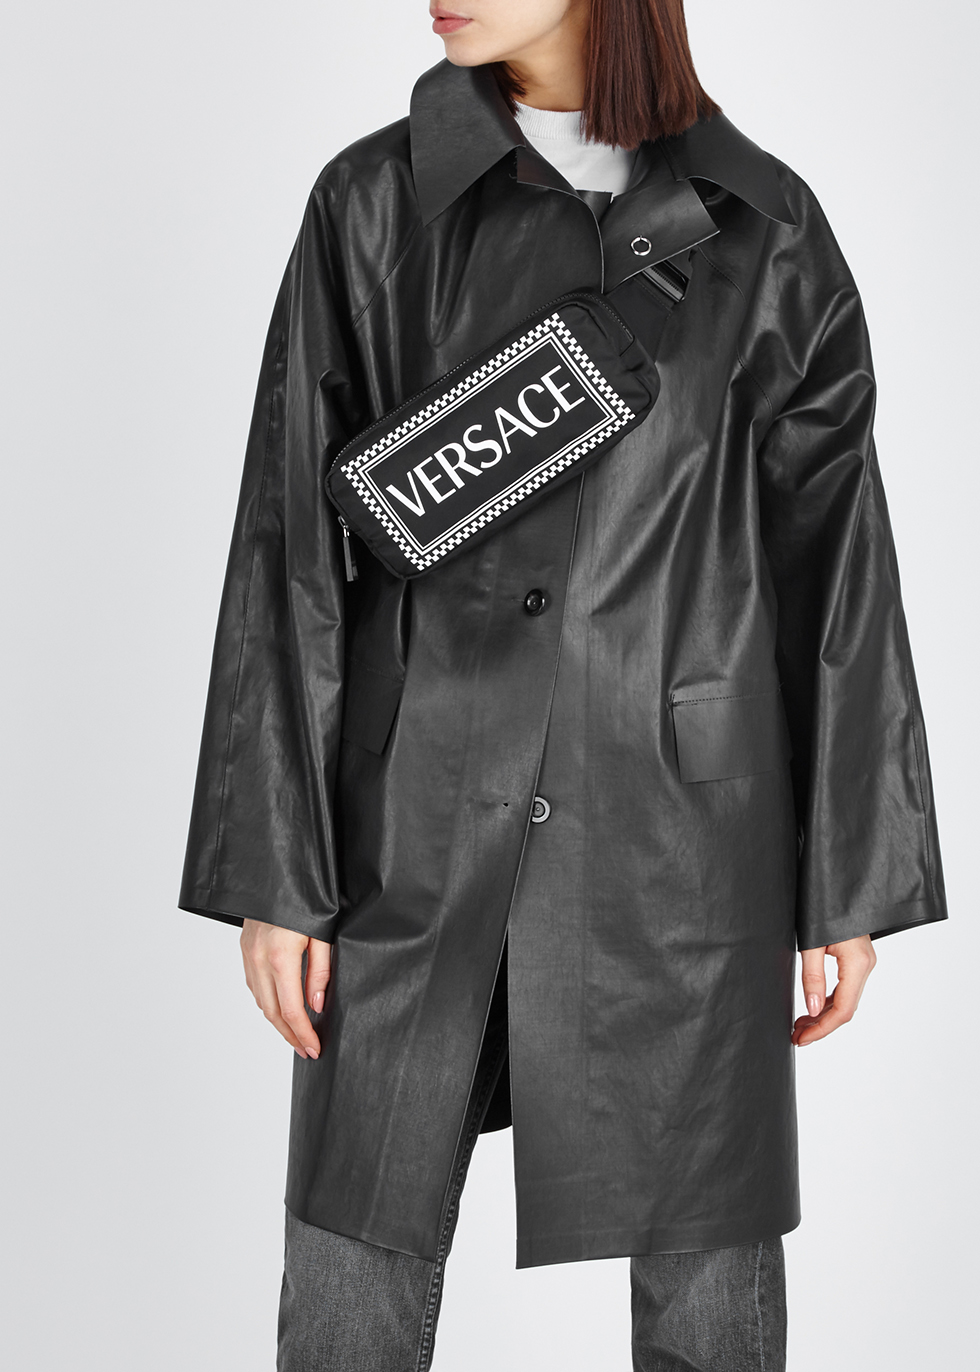 Tribute logo-print belt bag - Versace